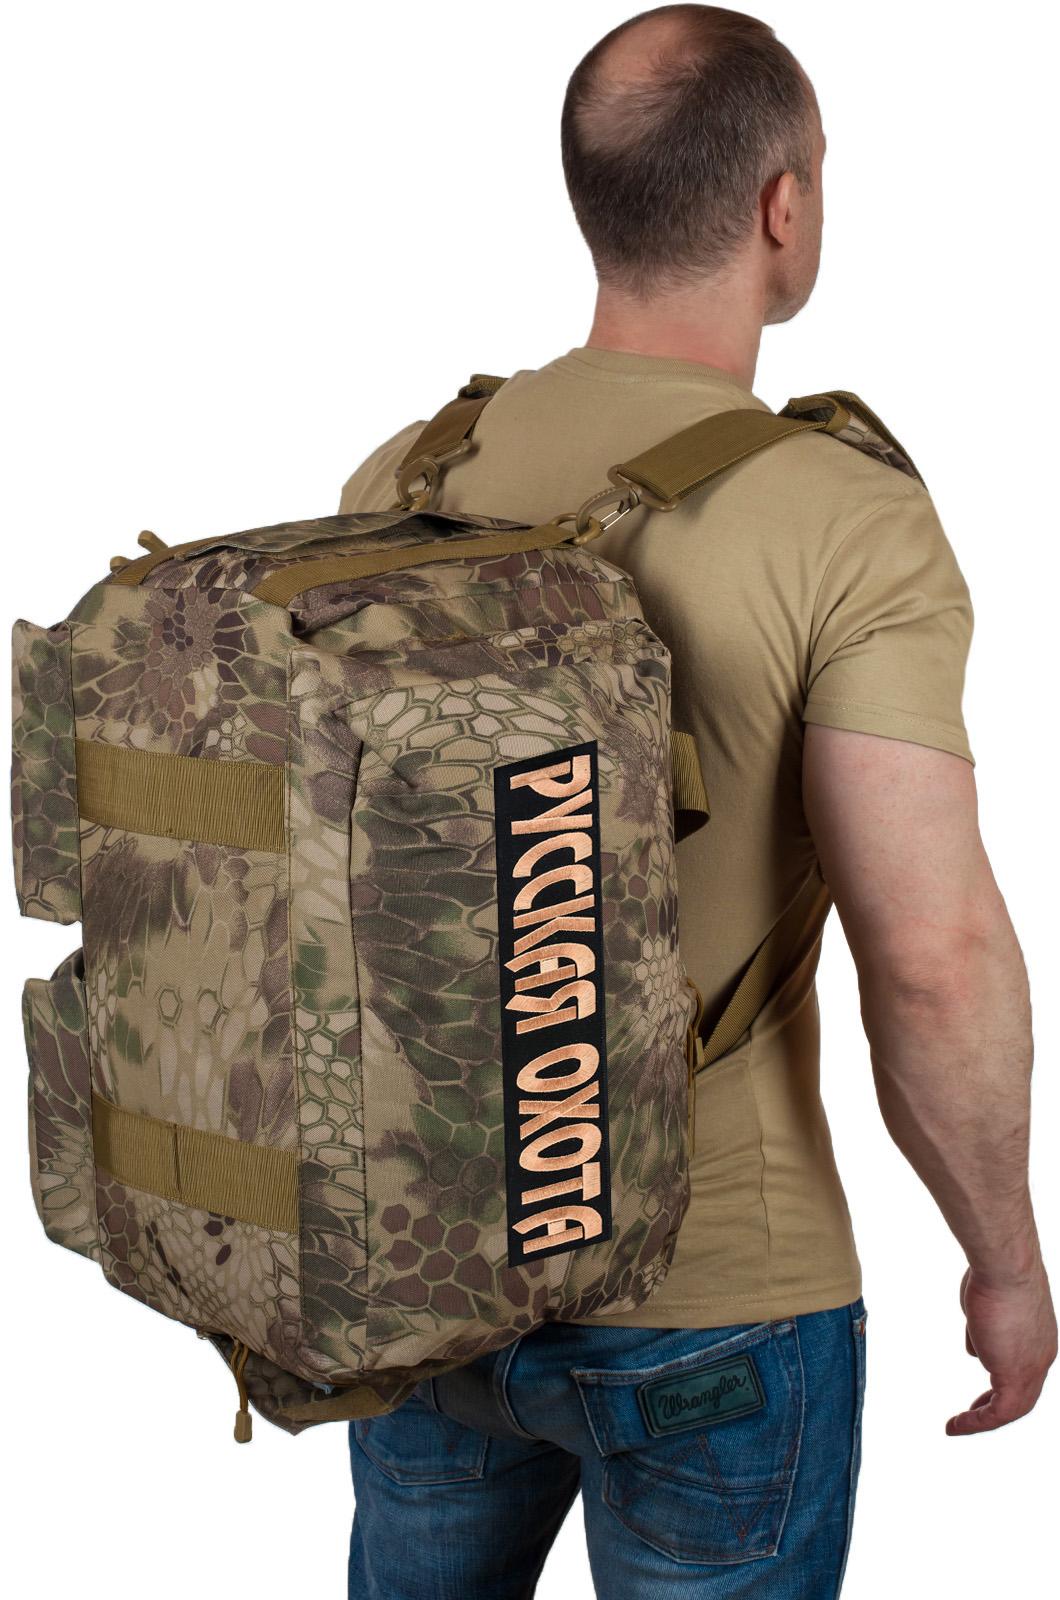 Купить камуфляжную сумку для походов Русская Охота по специальной цене